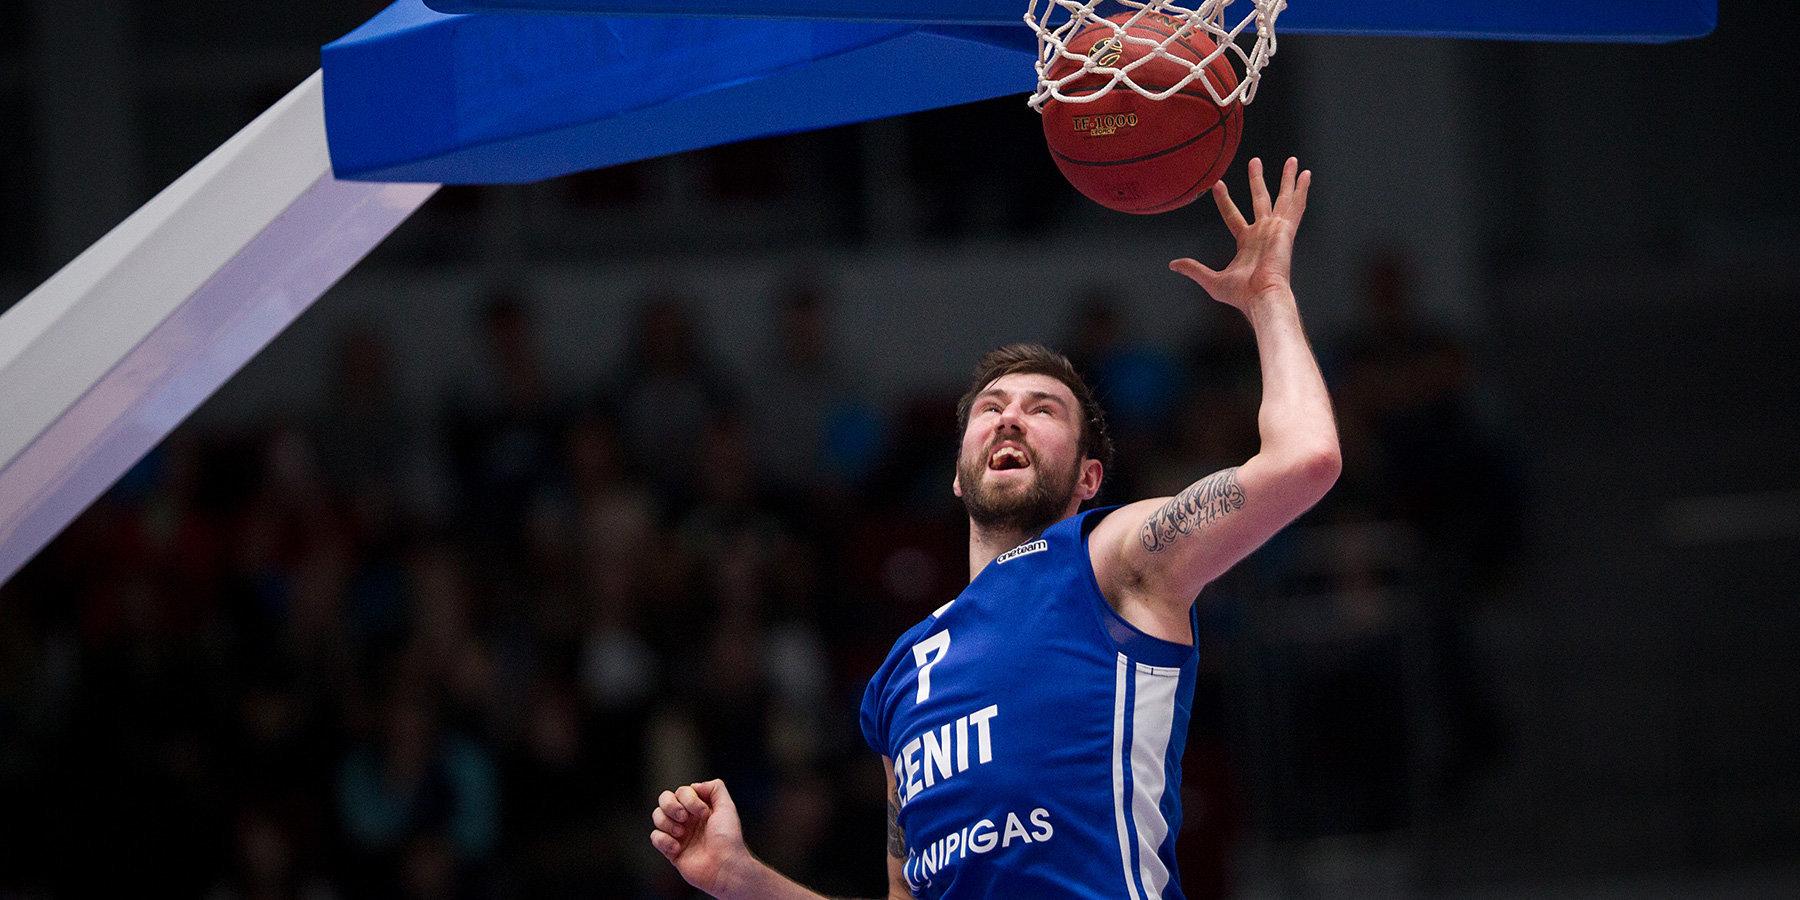 Сможет ли Зенит обыграть Ульм На что делать ставки на Еврокубок 19 Декабря 2017